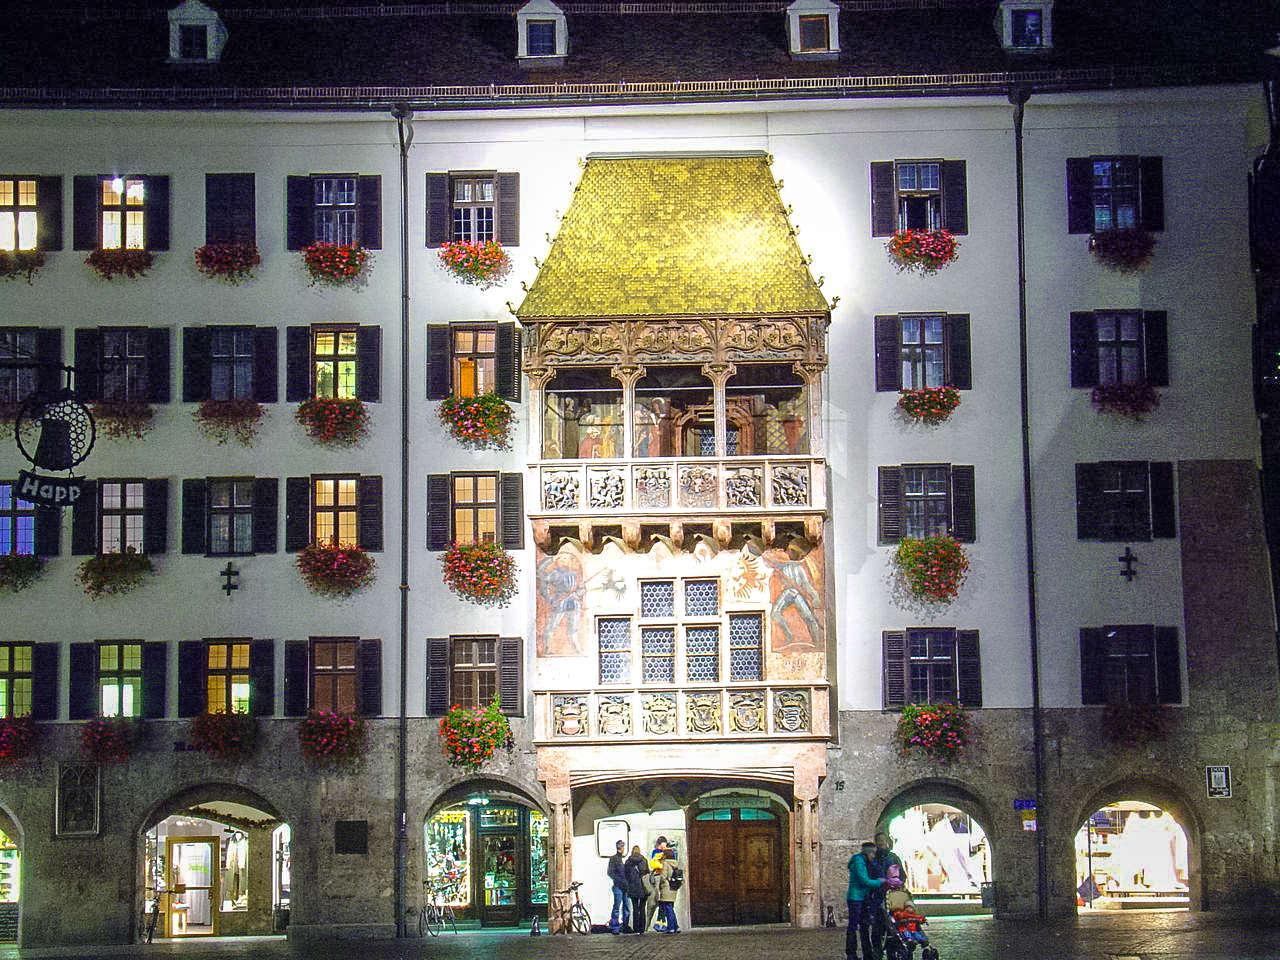 Дом с золотой крышей, Инсбрук